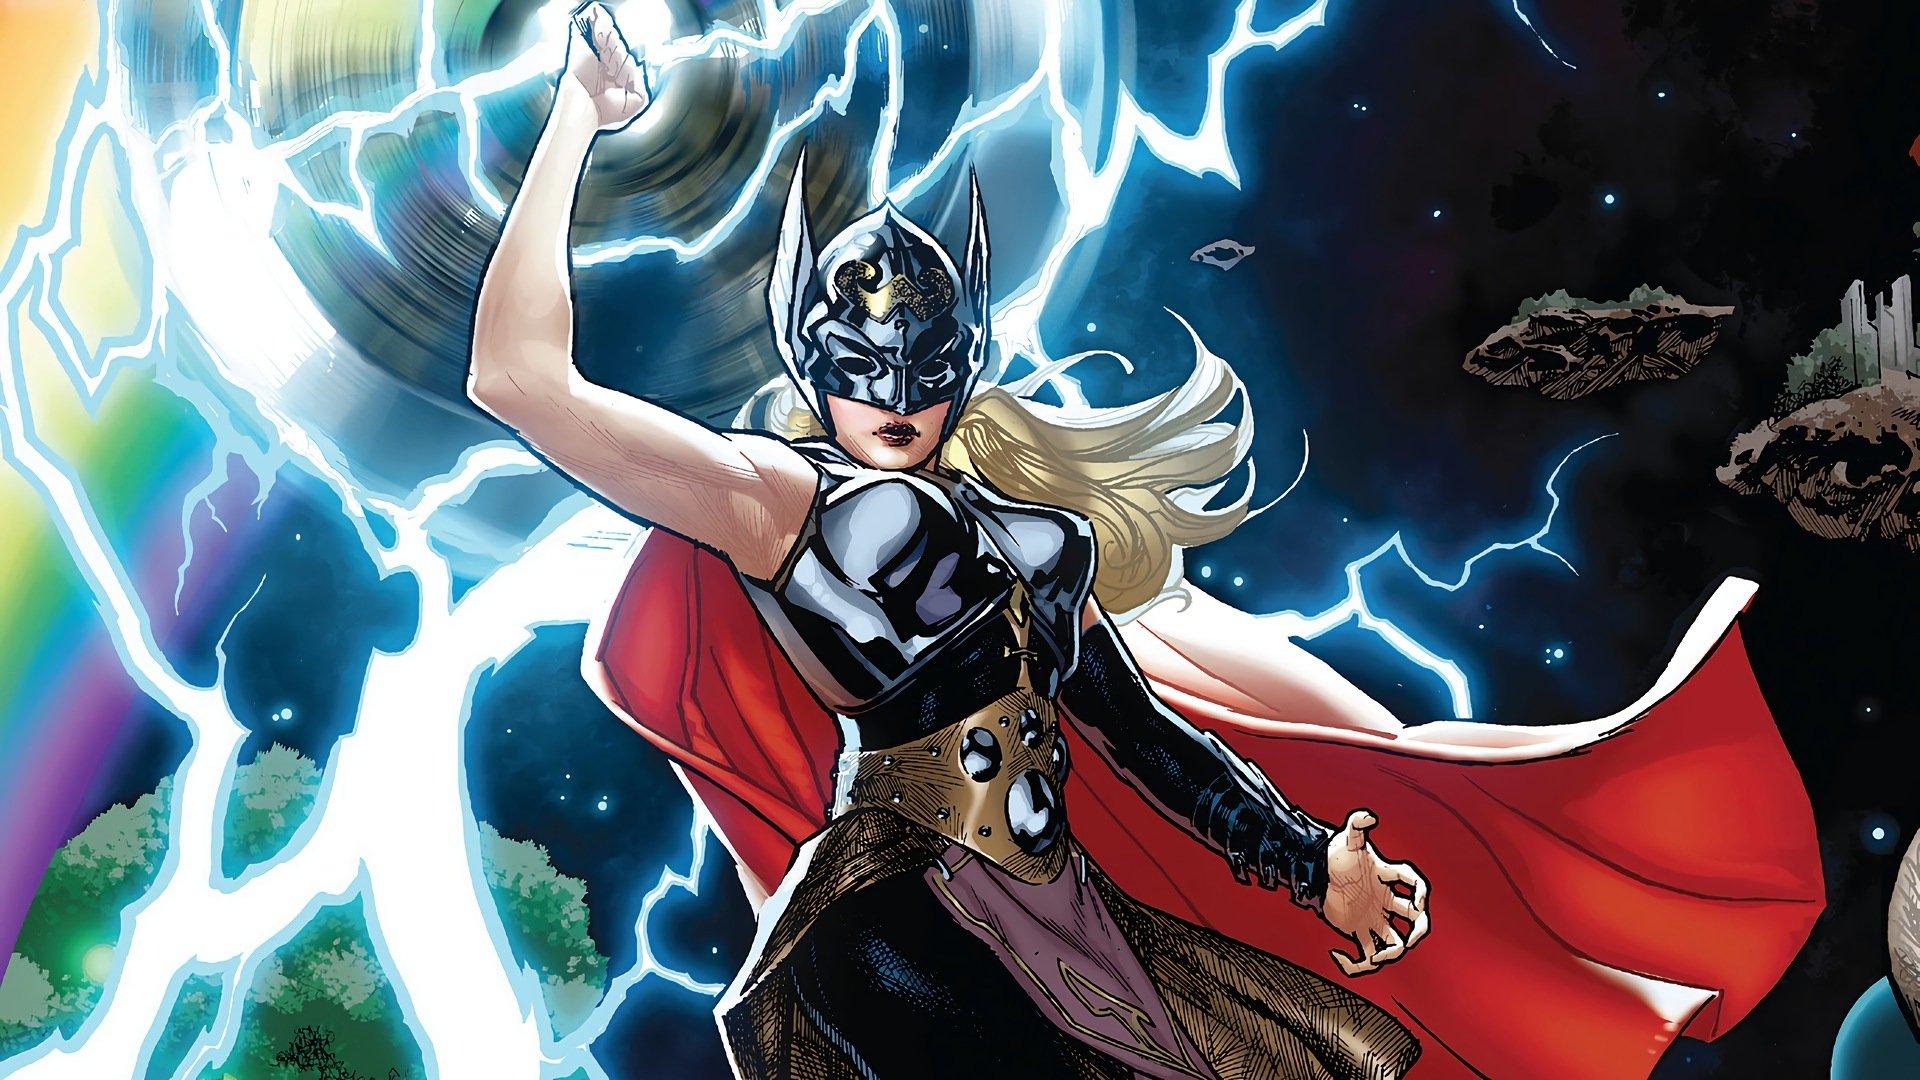 Thor 4 : Natalie Portman confirme qu'elle n'aura pas les mêmes pouvoirs que Thor